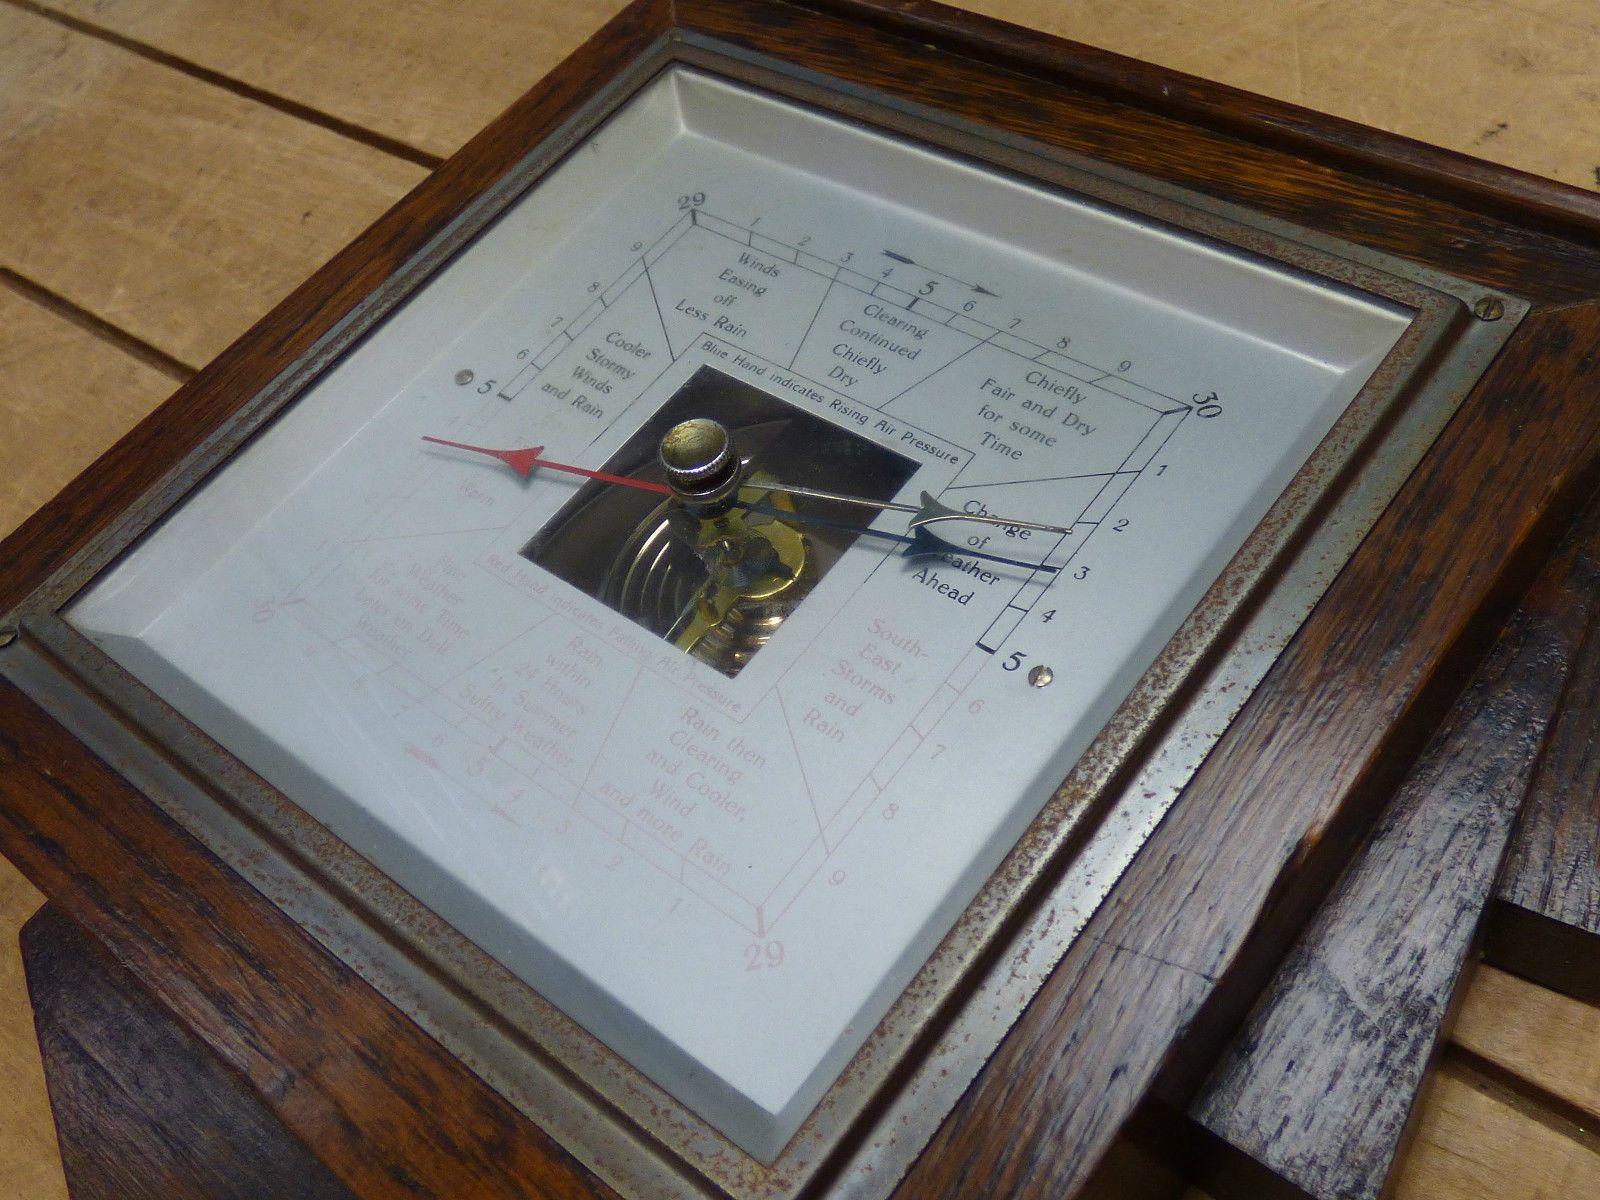 Vintage Wooden Cased Barometer - Some Wear | eBay